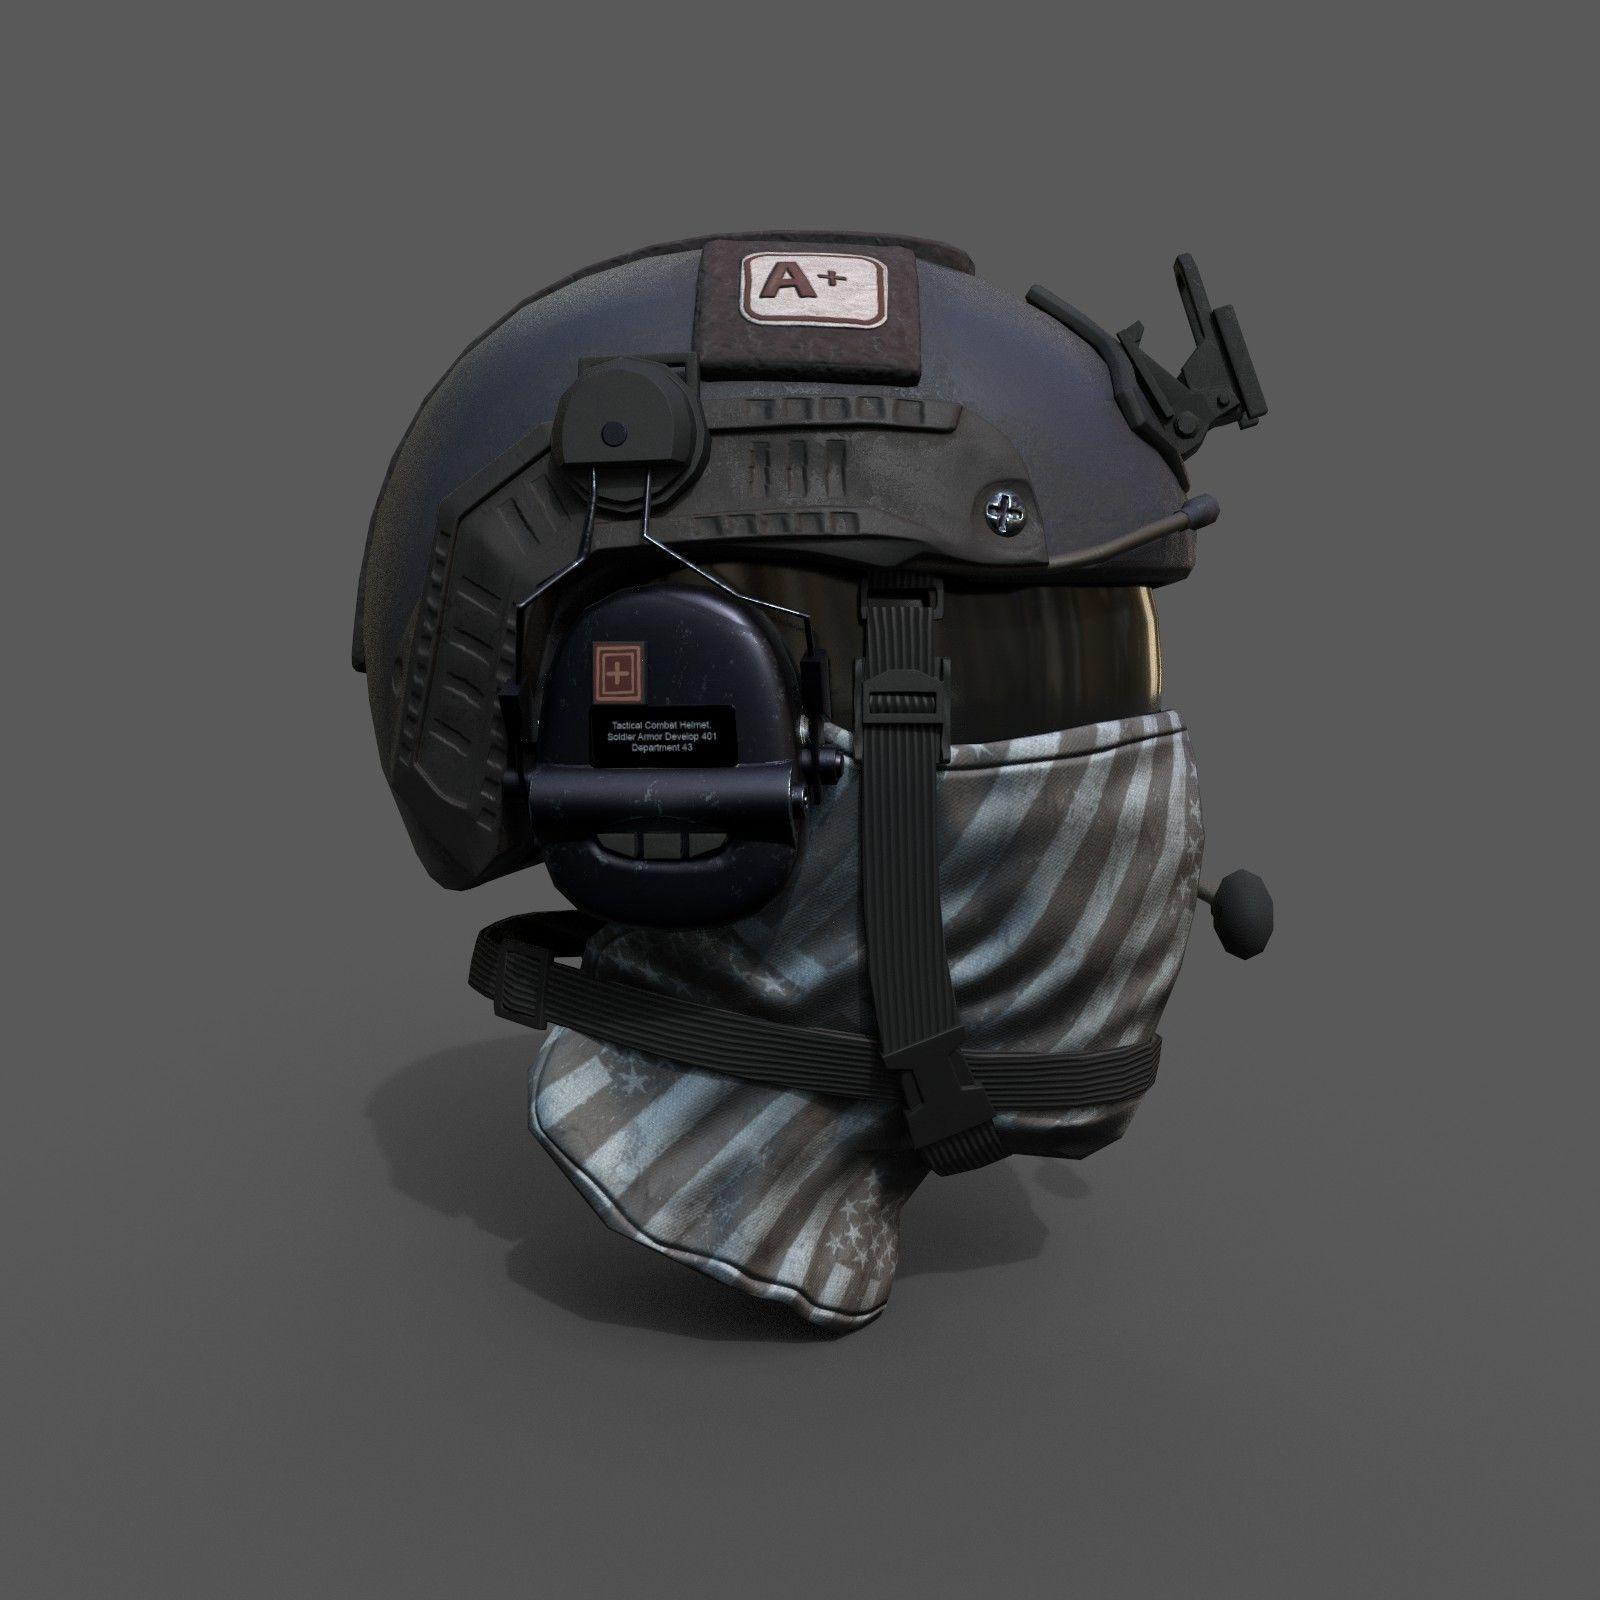 Helmet scifi military combat soldier ver 2